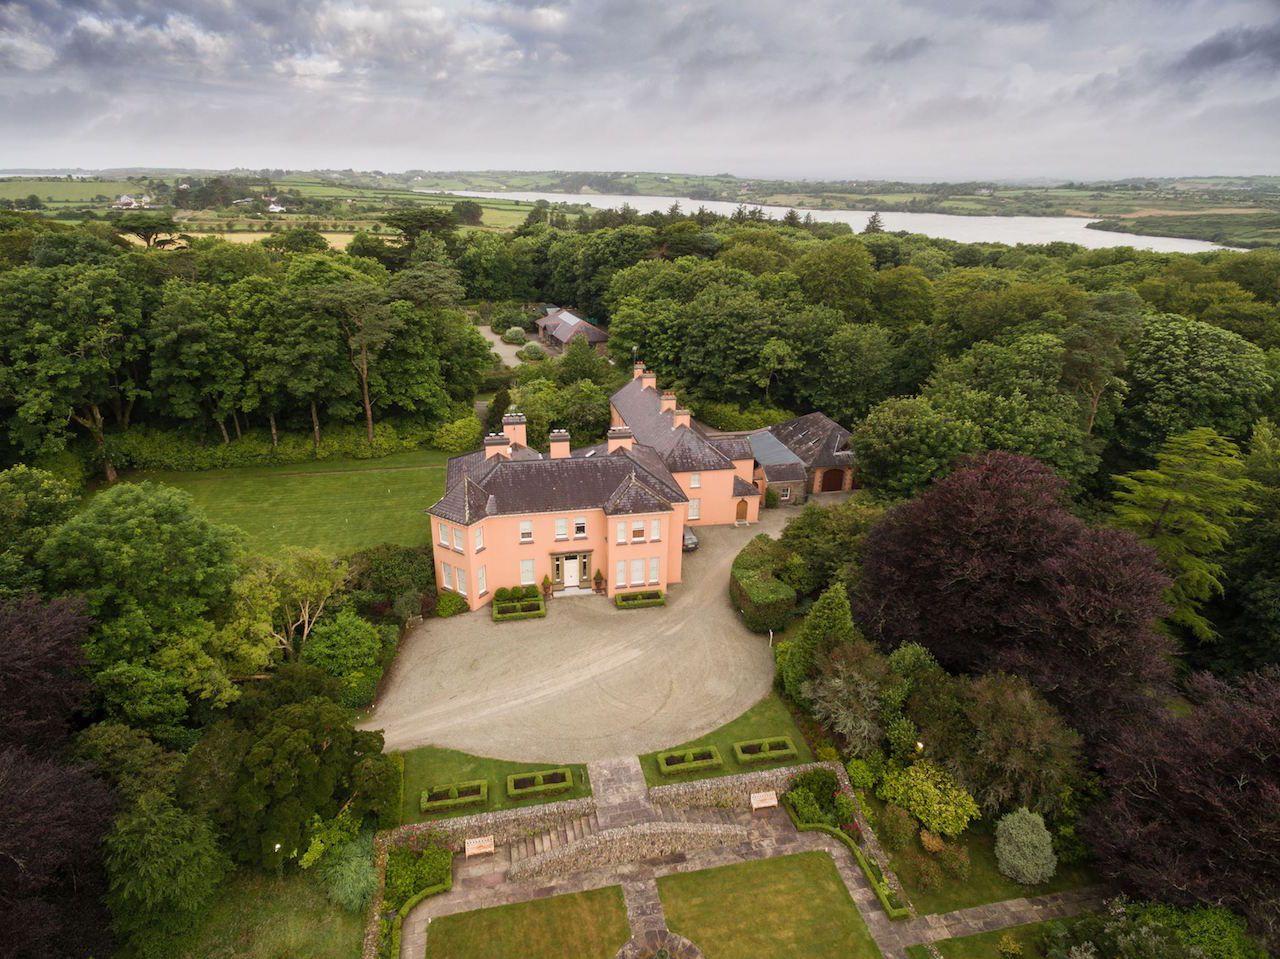 Inish Beg Estates